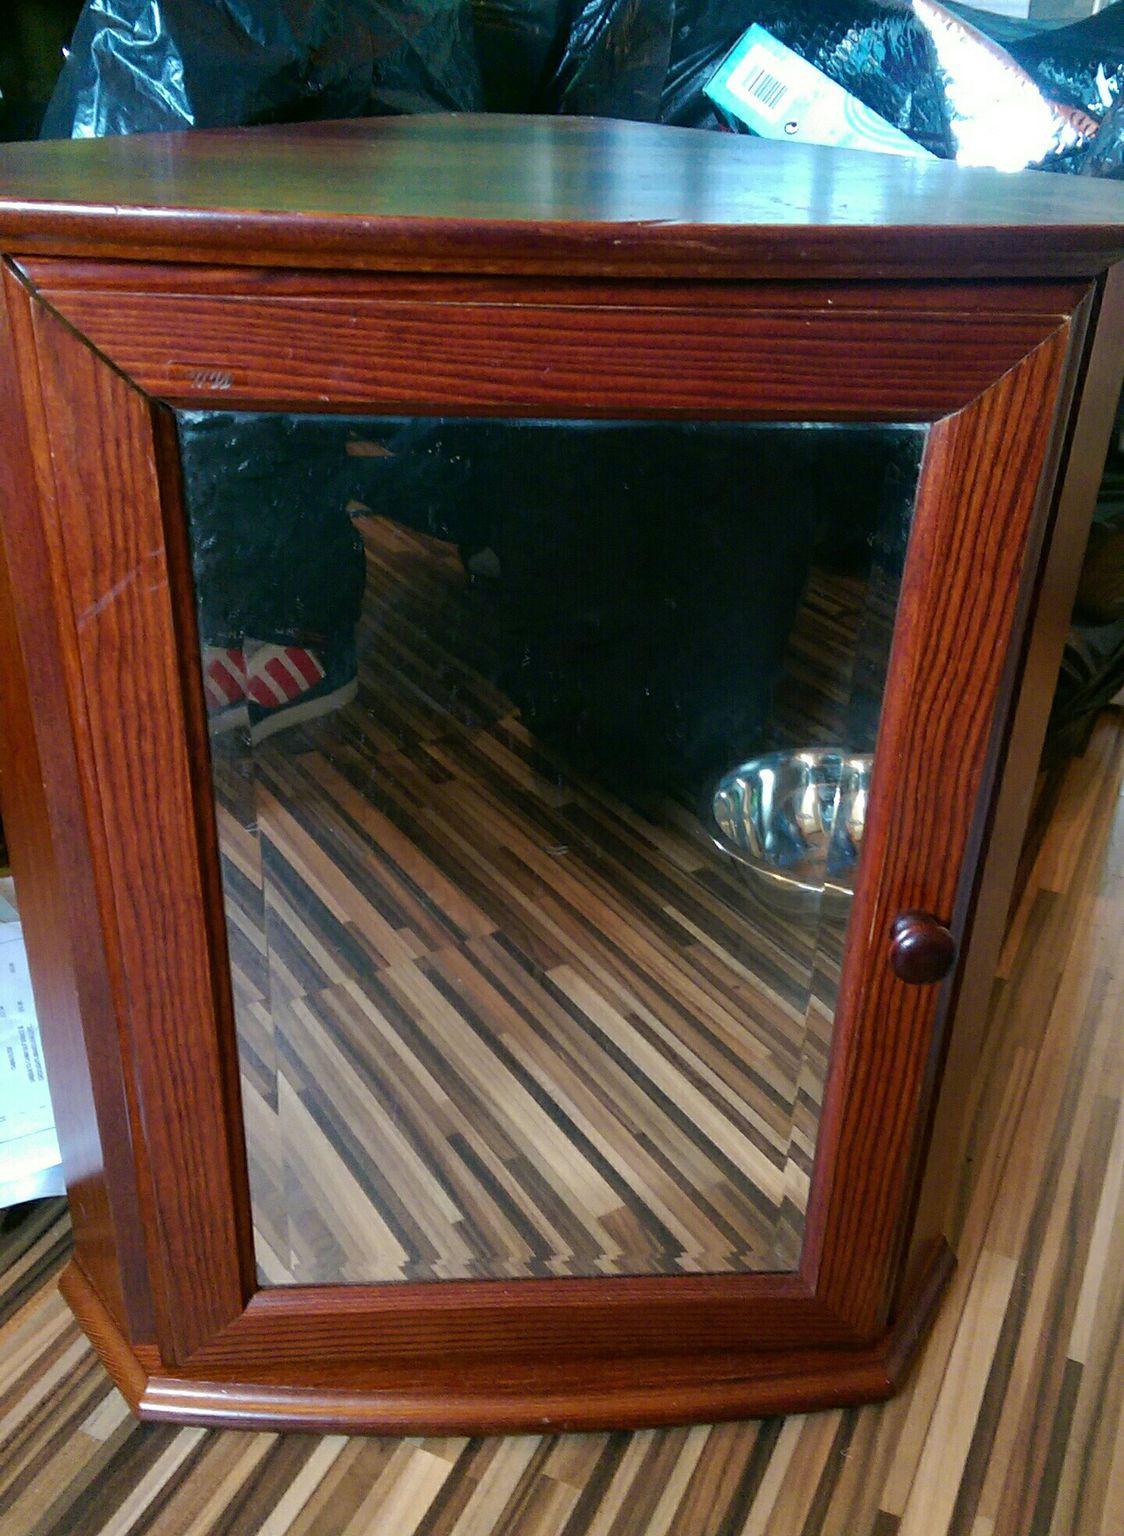 hardwood flooring glasgow hillington of https en shpock com i wecvkwvkyqilmedq 2018 05 25t190436 inside corner cabinet 38ed1921